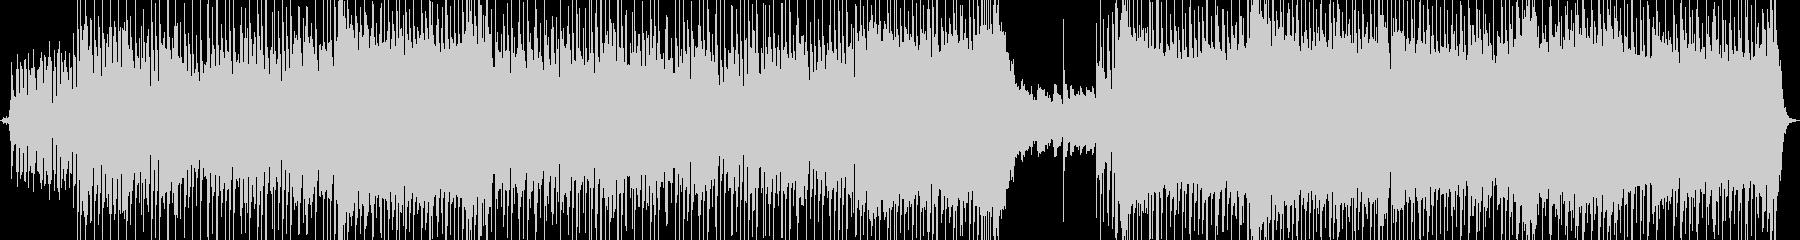 ロックバンド風カラオケ音源の未再生の波形